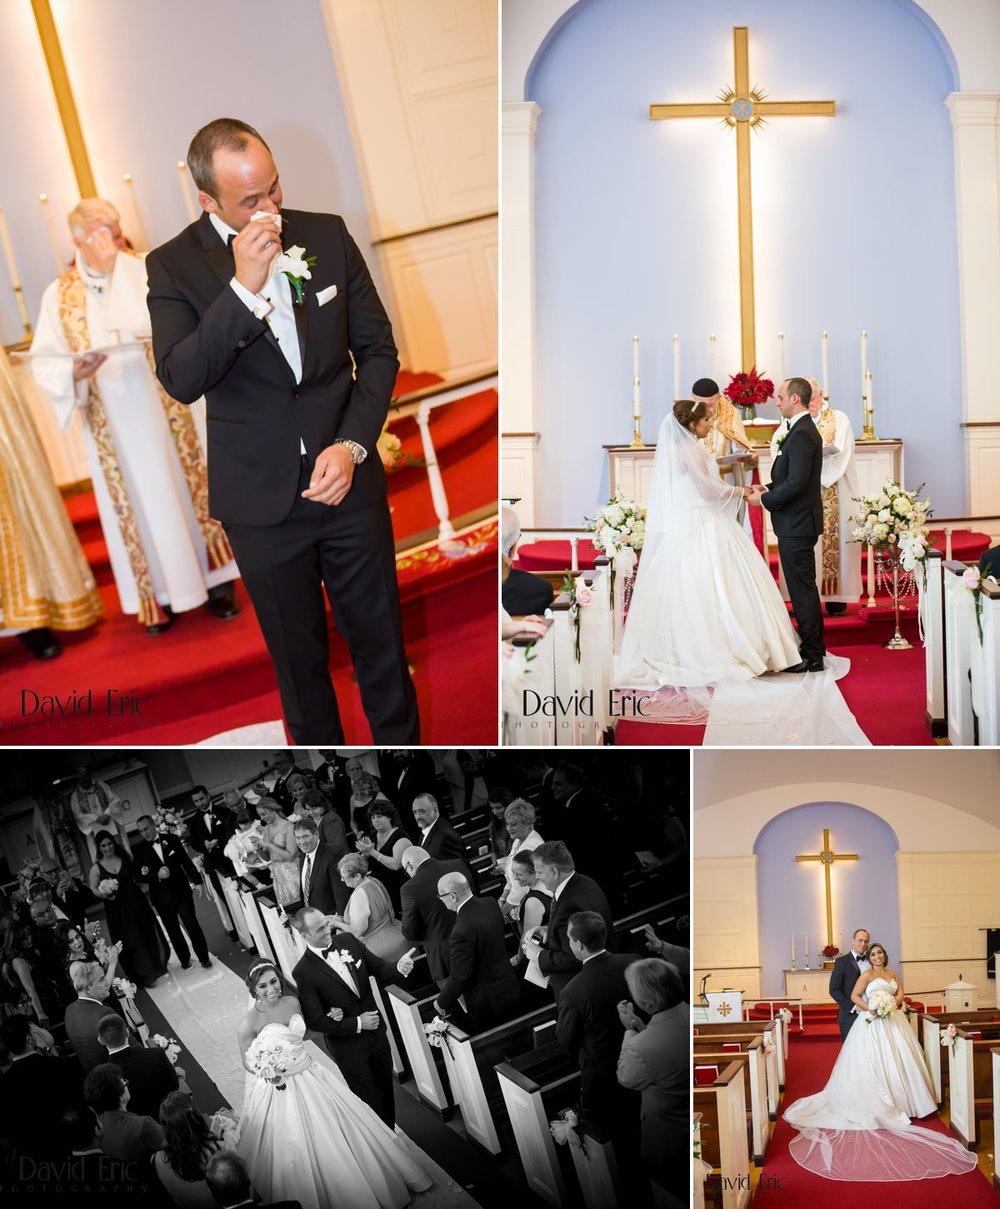 David Eric - Kabbabe Wedding 2